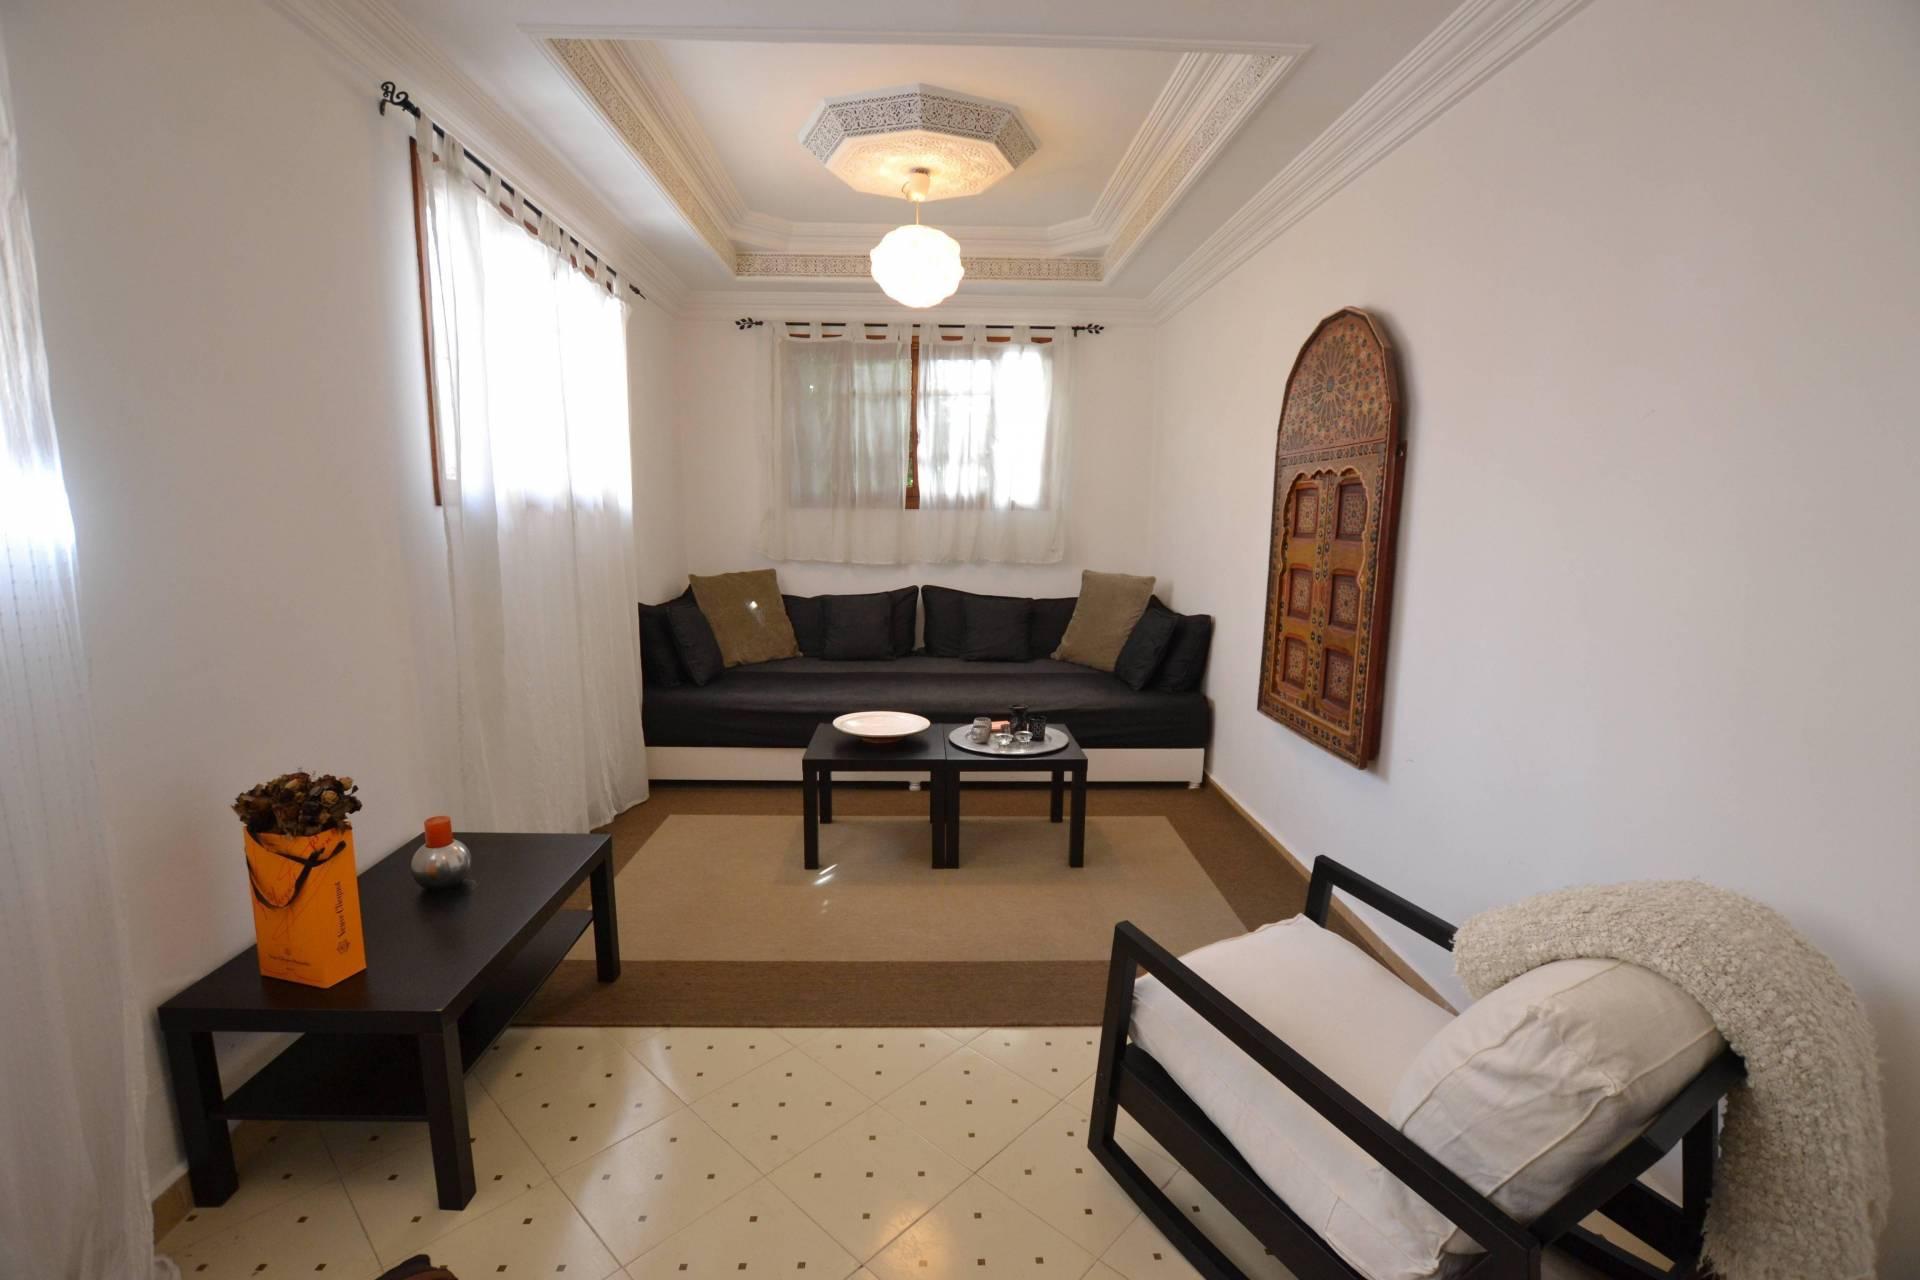 Appartement_RDC_LLD (8)